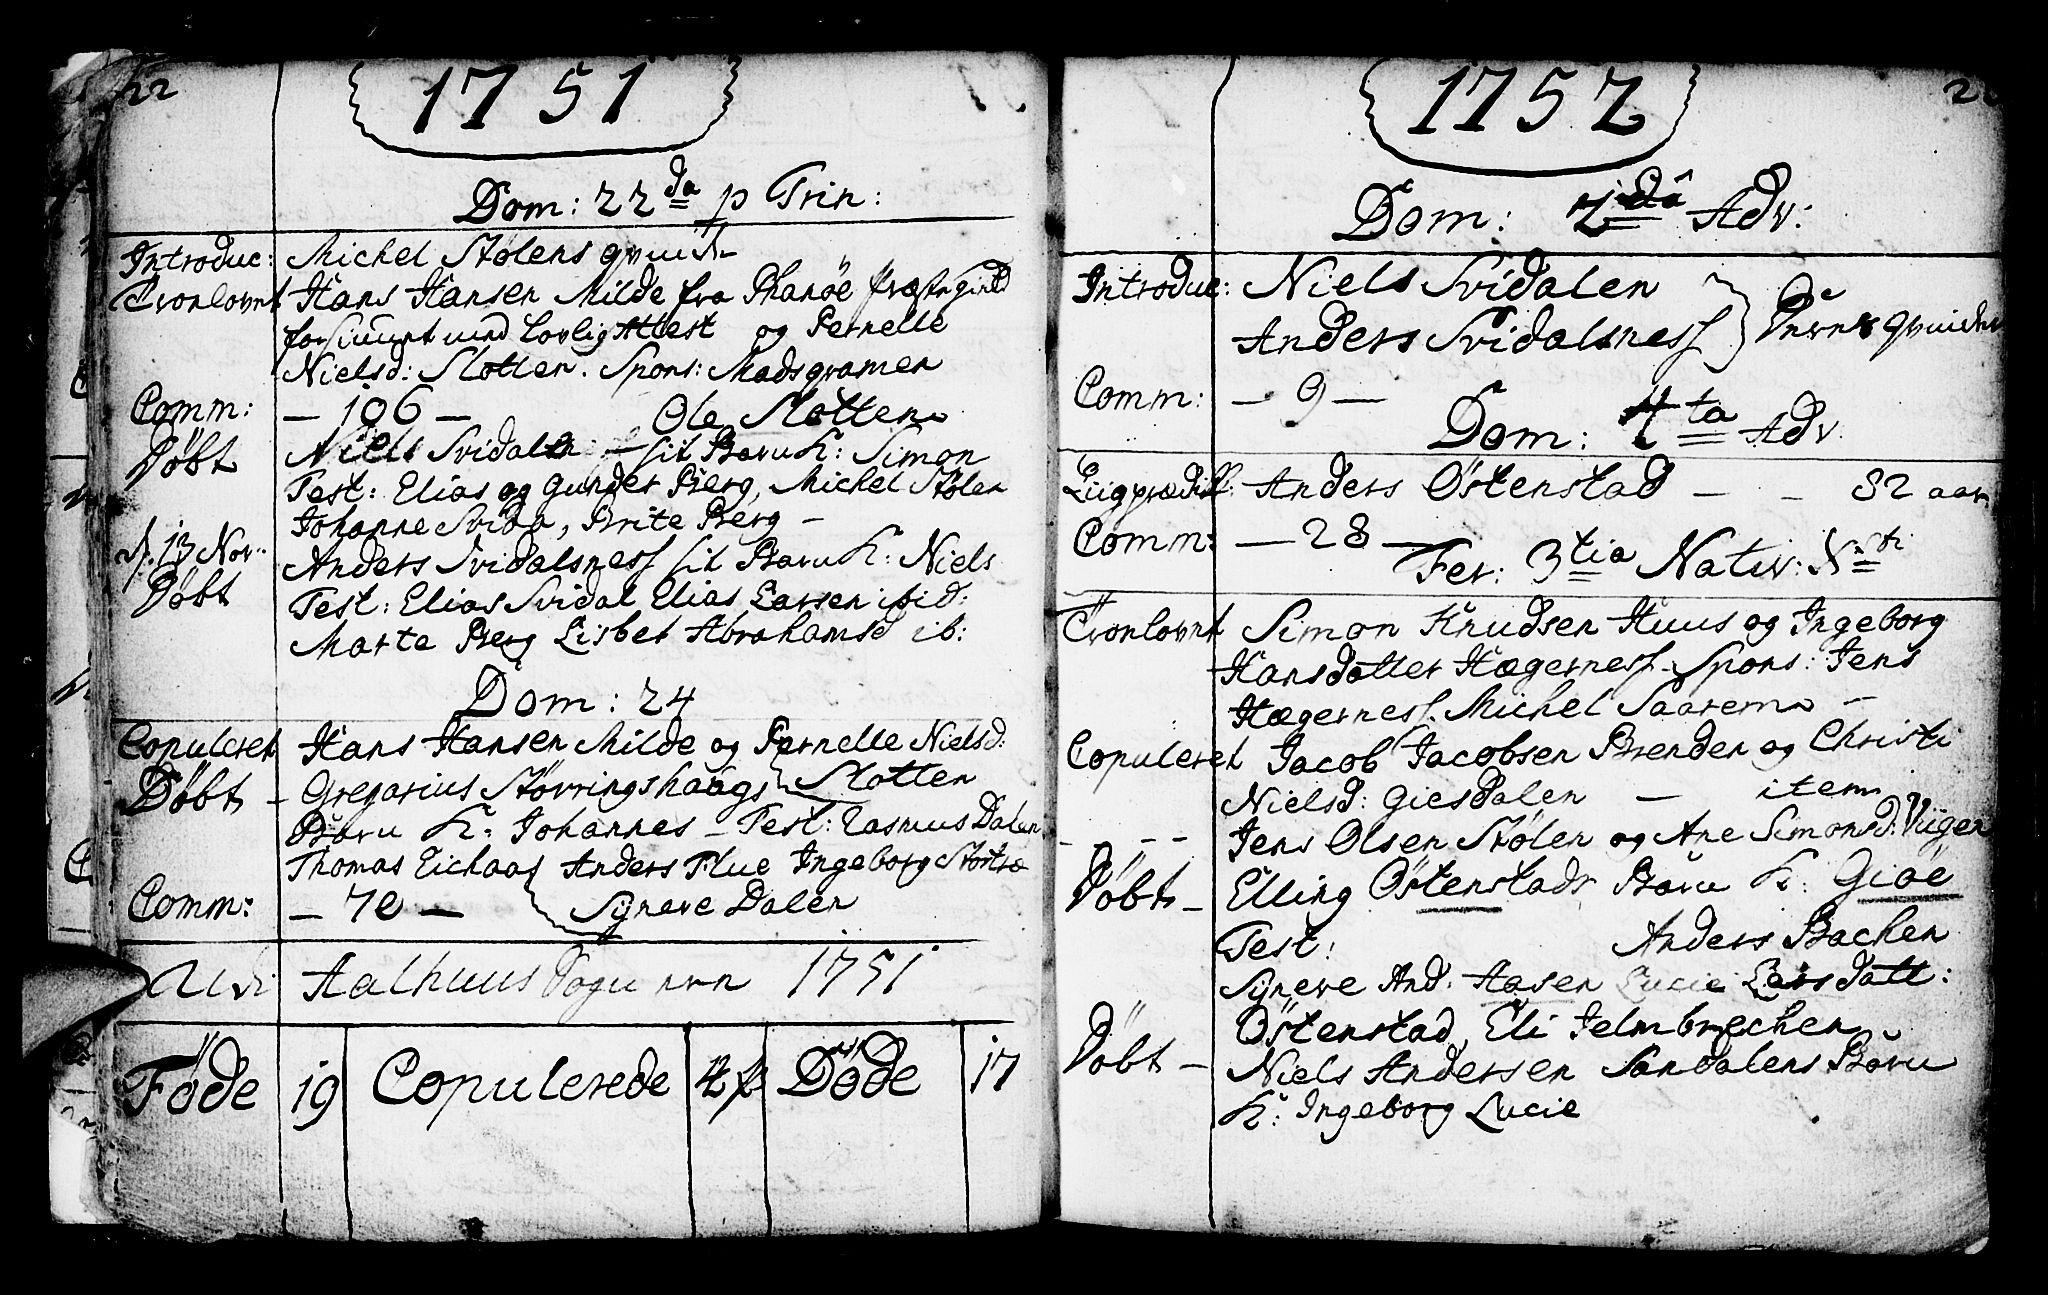 SAB, Jølster Sokneprestembete, Ministerialbok nr. A 3, 1748-1789, s. 22-23